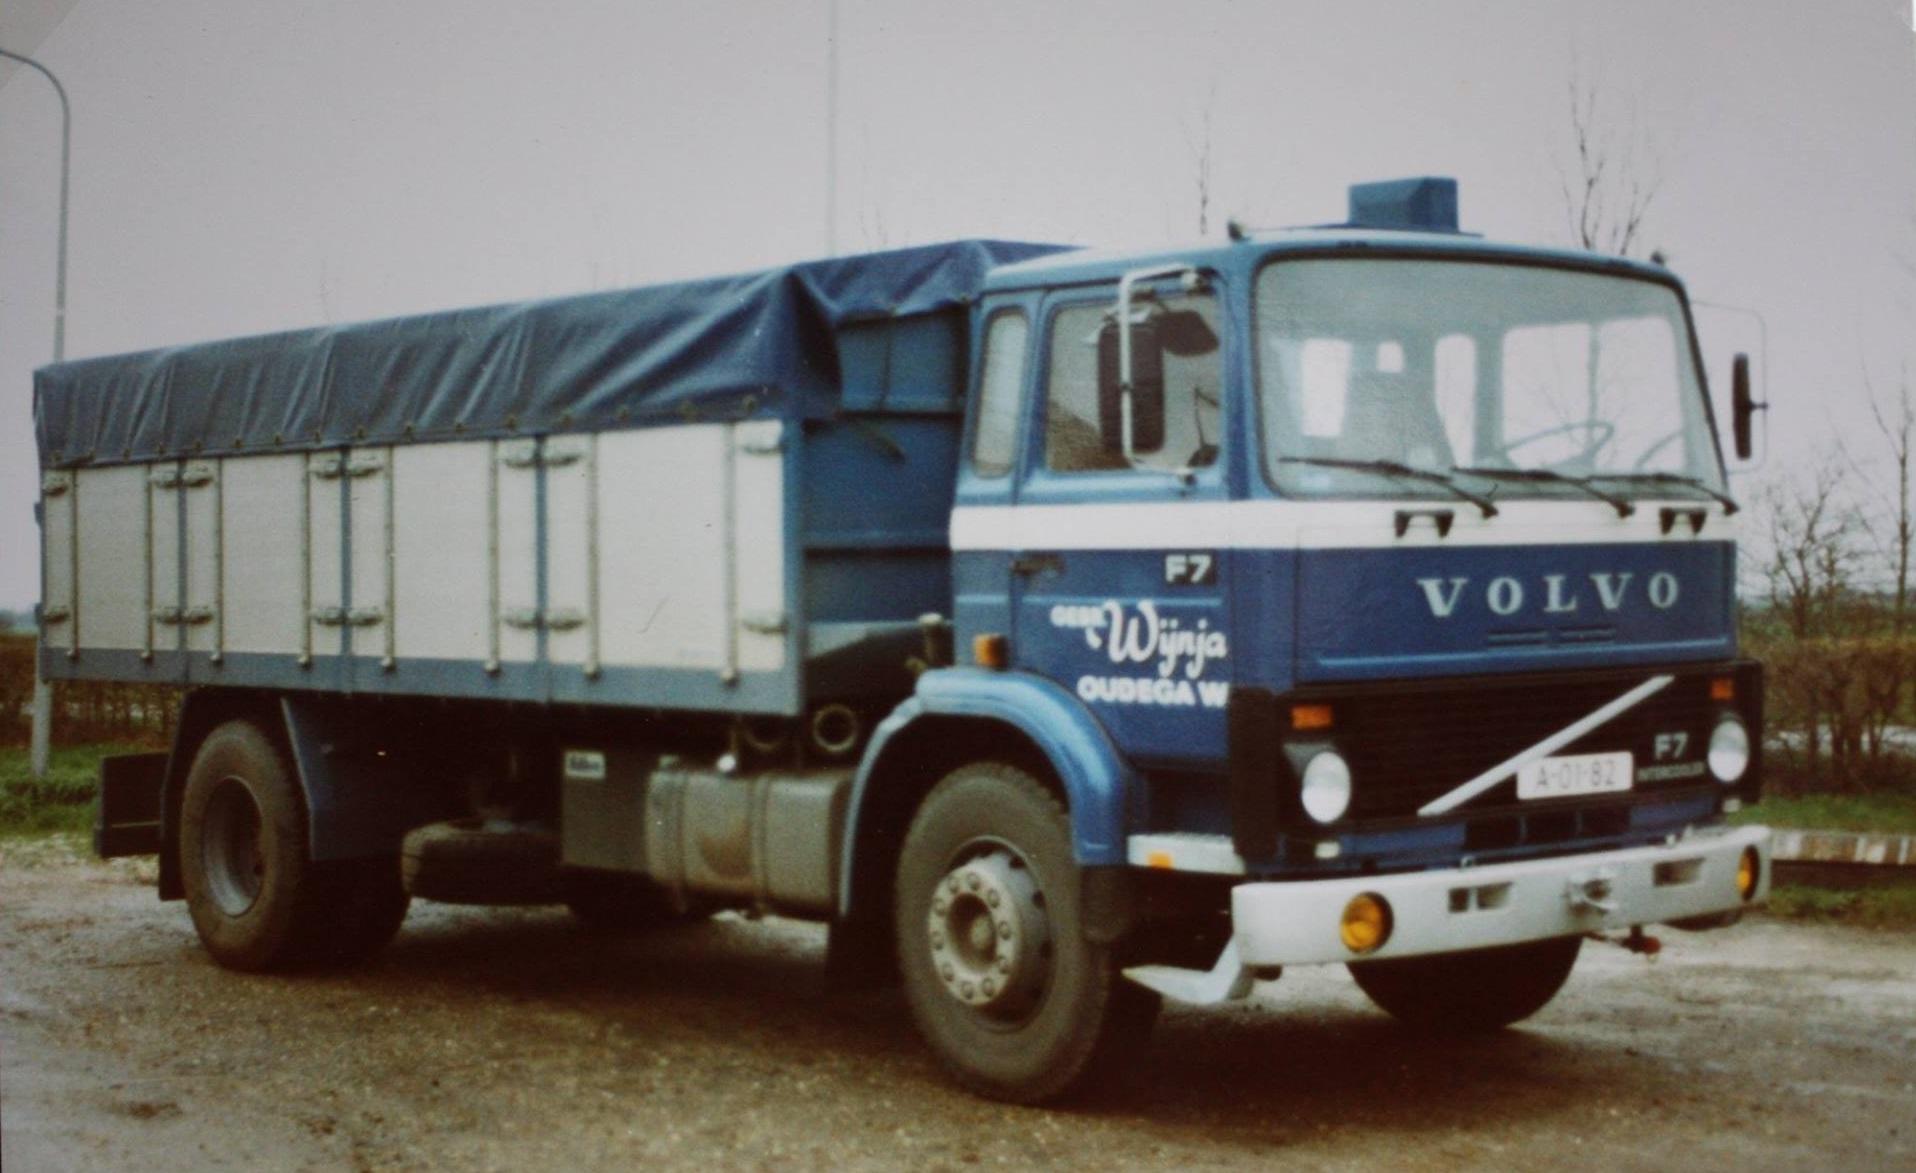 Volvo-bulkwagen-opgebouwd-door-Rondaan-voor-Wijnja-uit-Oudega-2